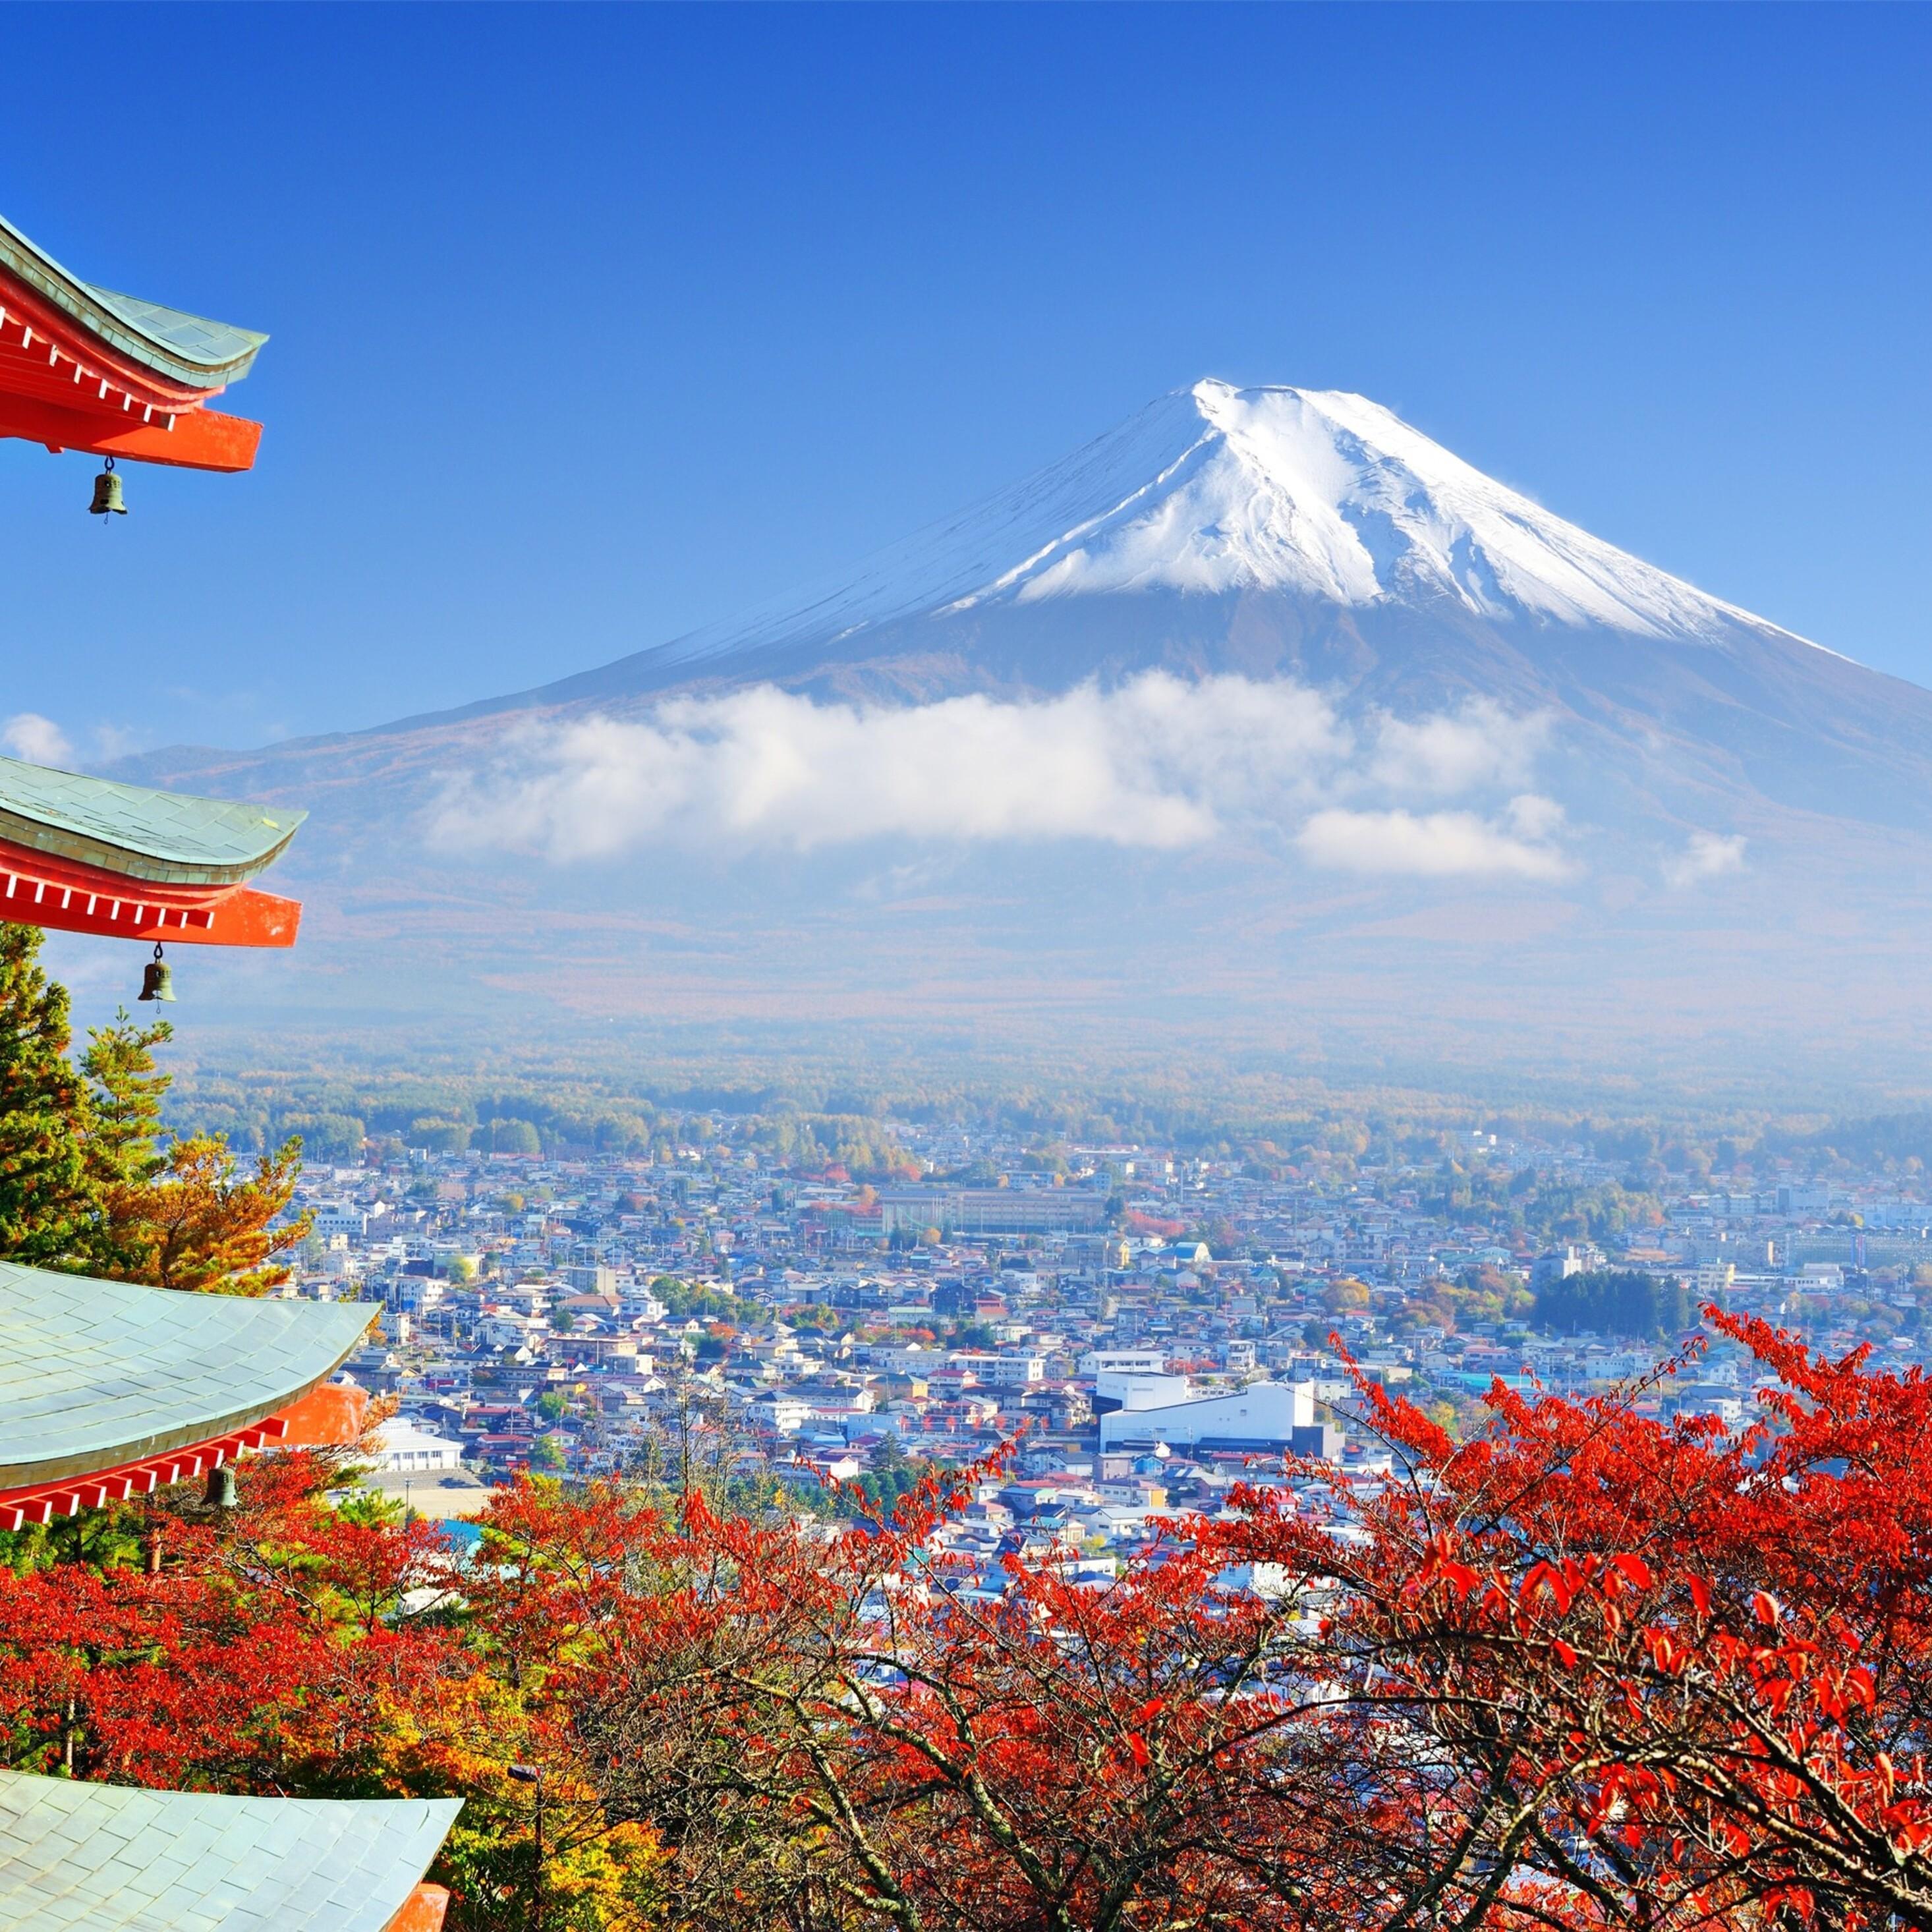 2932x2932 Mount Fuji Mountain Ipad Pro Retina Display HD